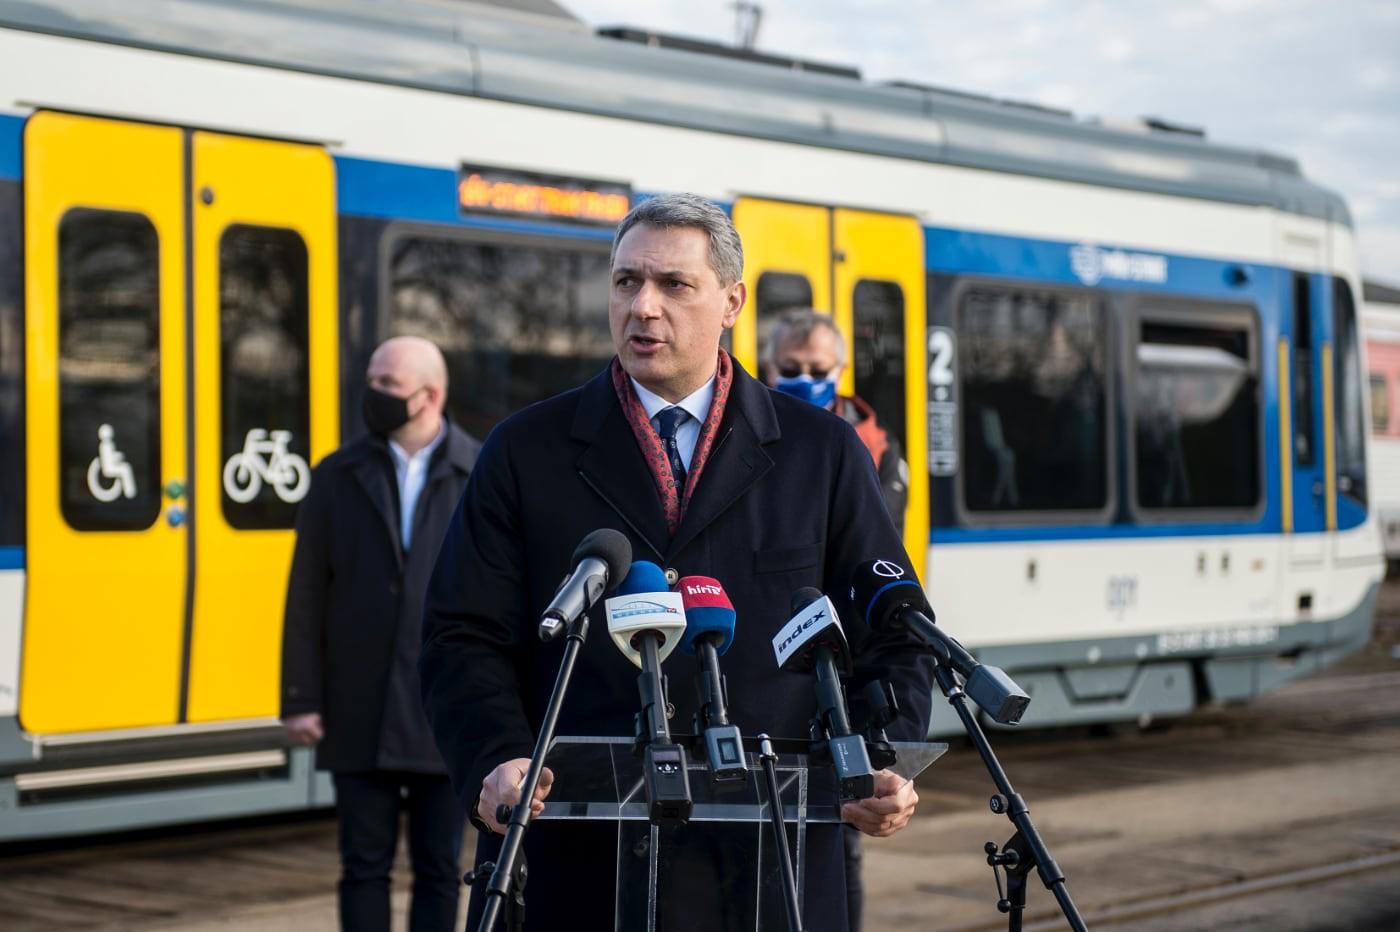 Még Lázár János sem tudja, mikor indul el végre a tram-train